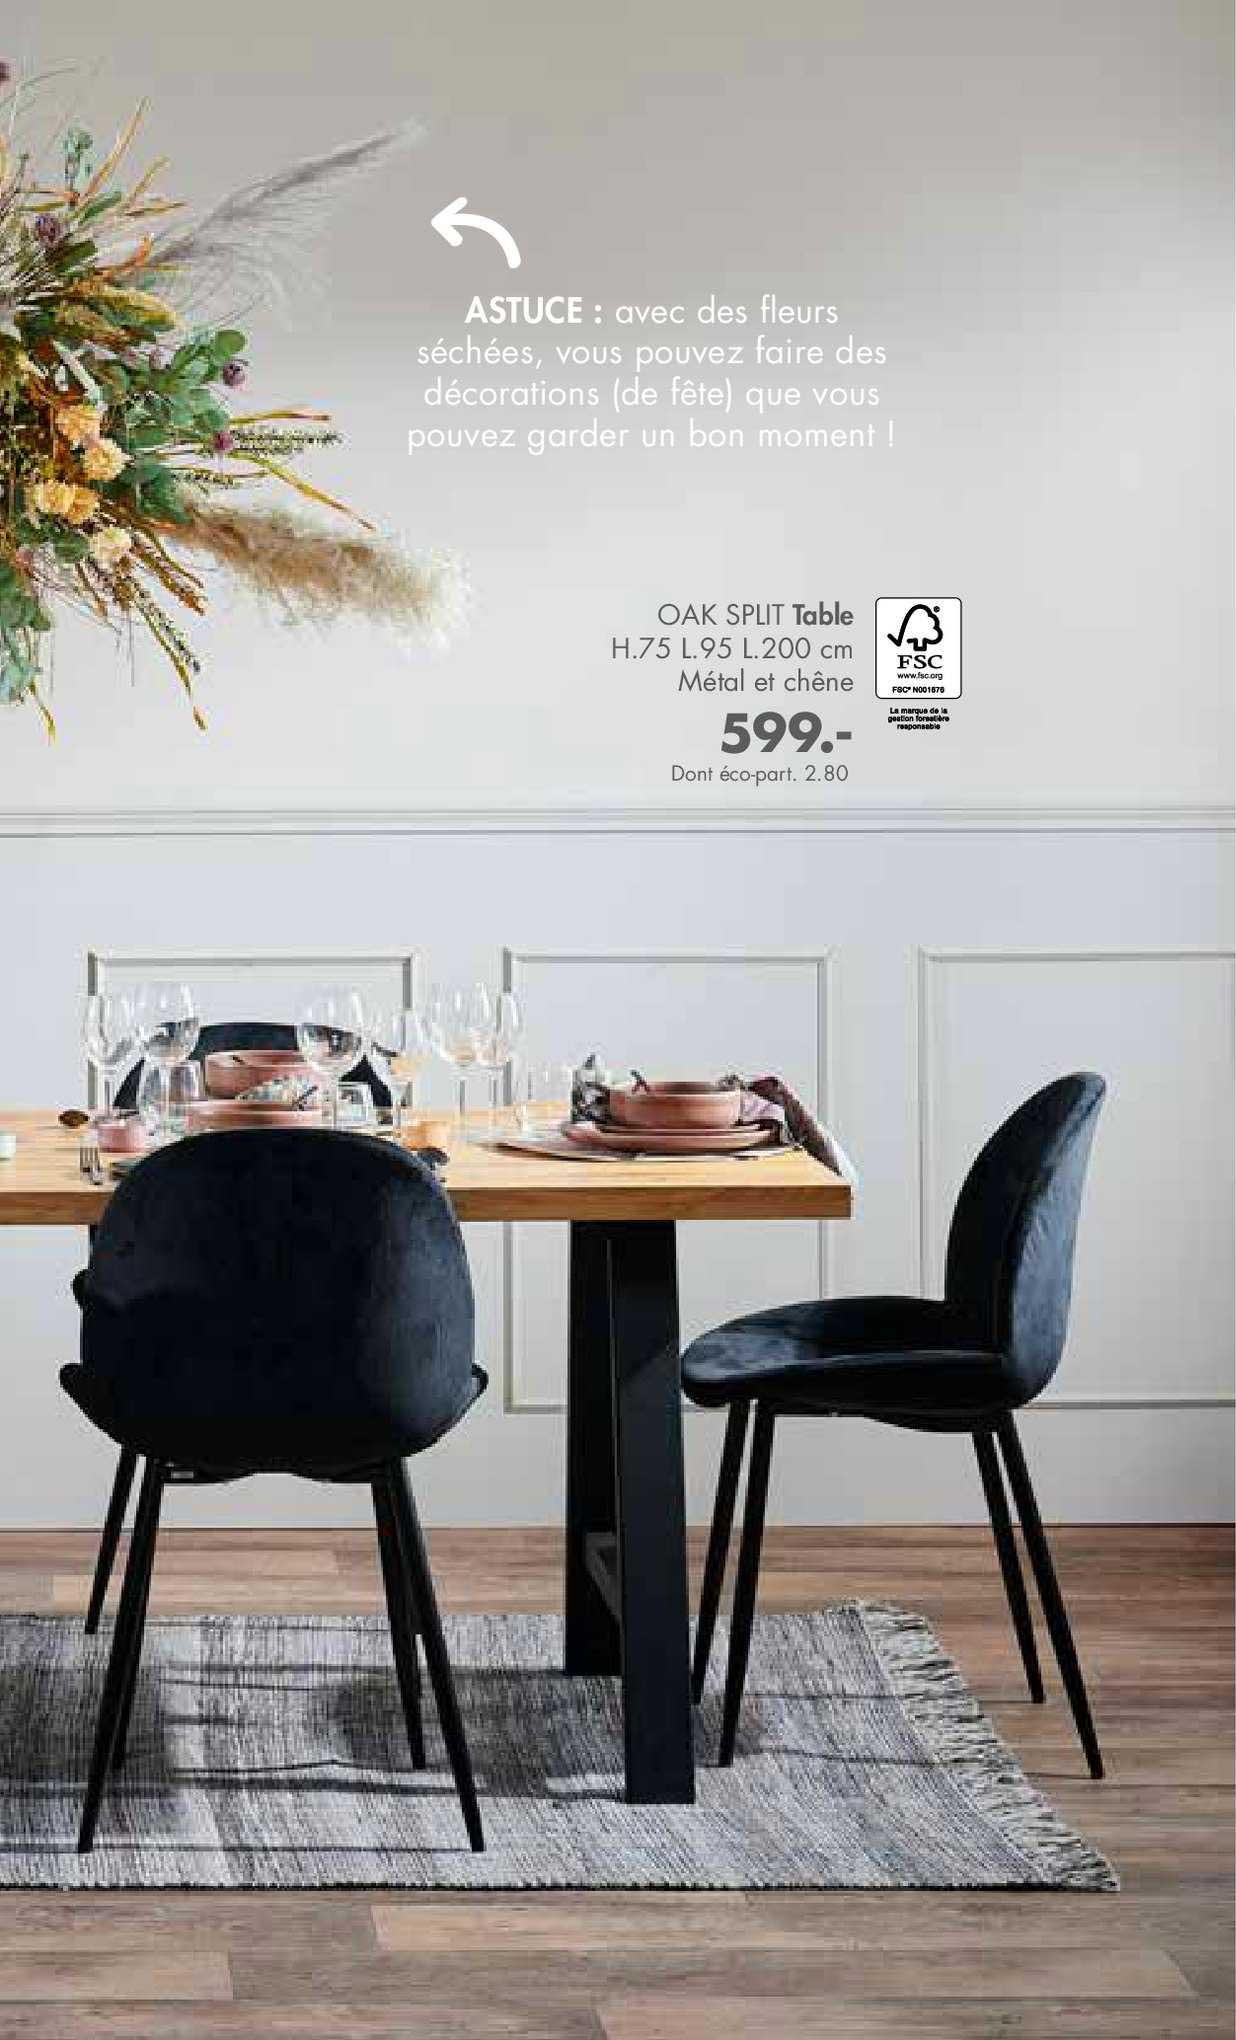 Casa Oak Split Table